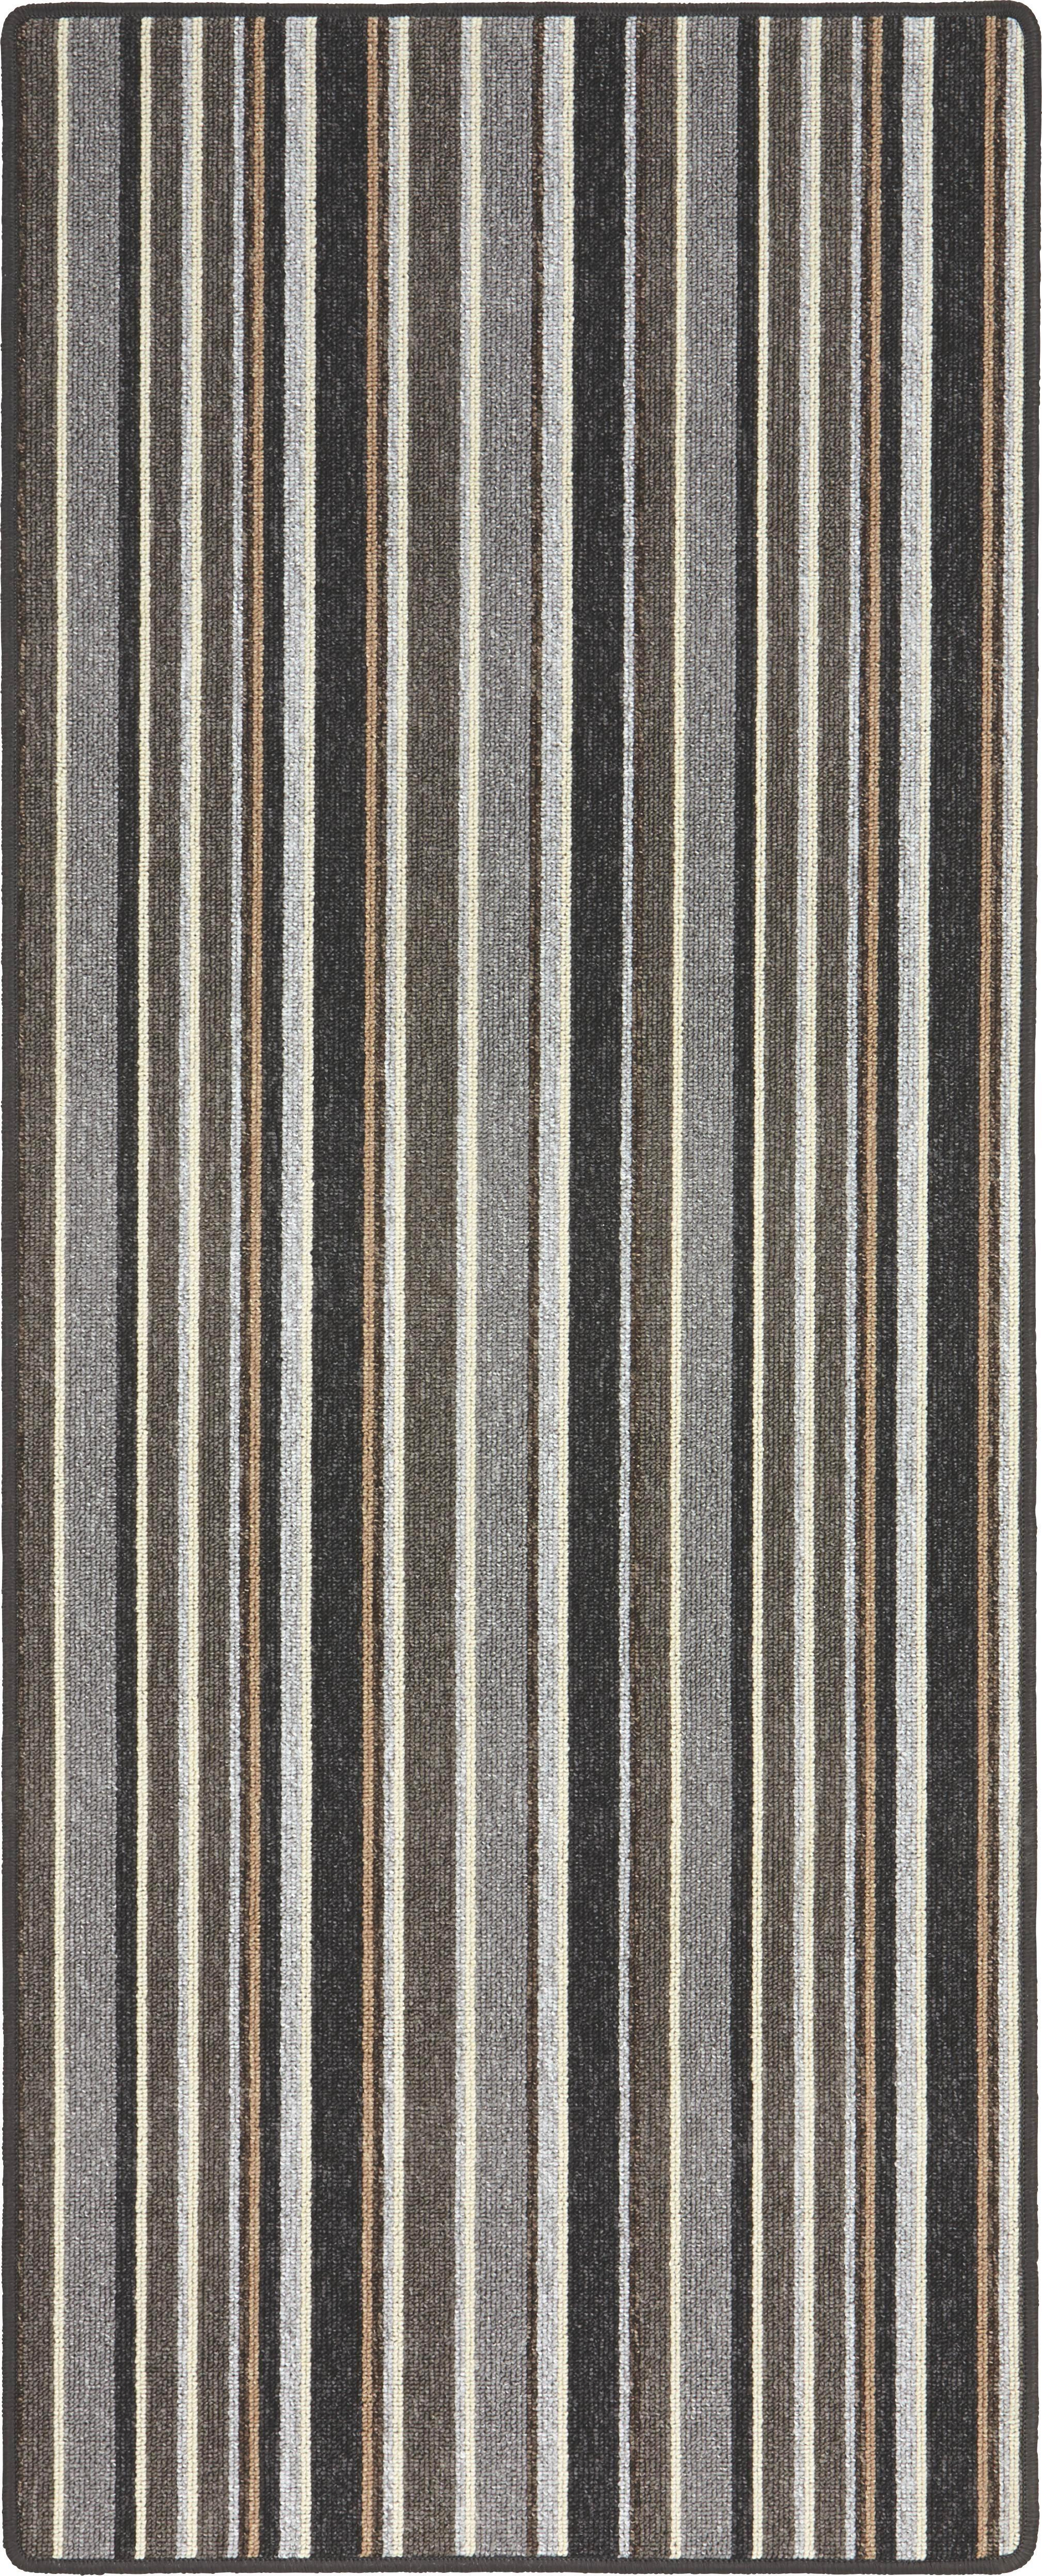 Futó Funky Stripes - szürke, konvencionális, textil (80/200cm) - MÖMAX modern living